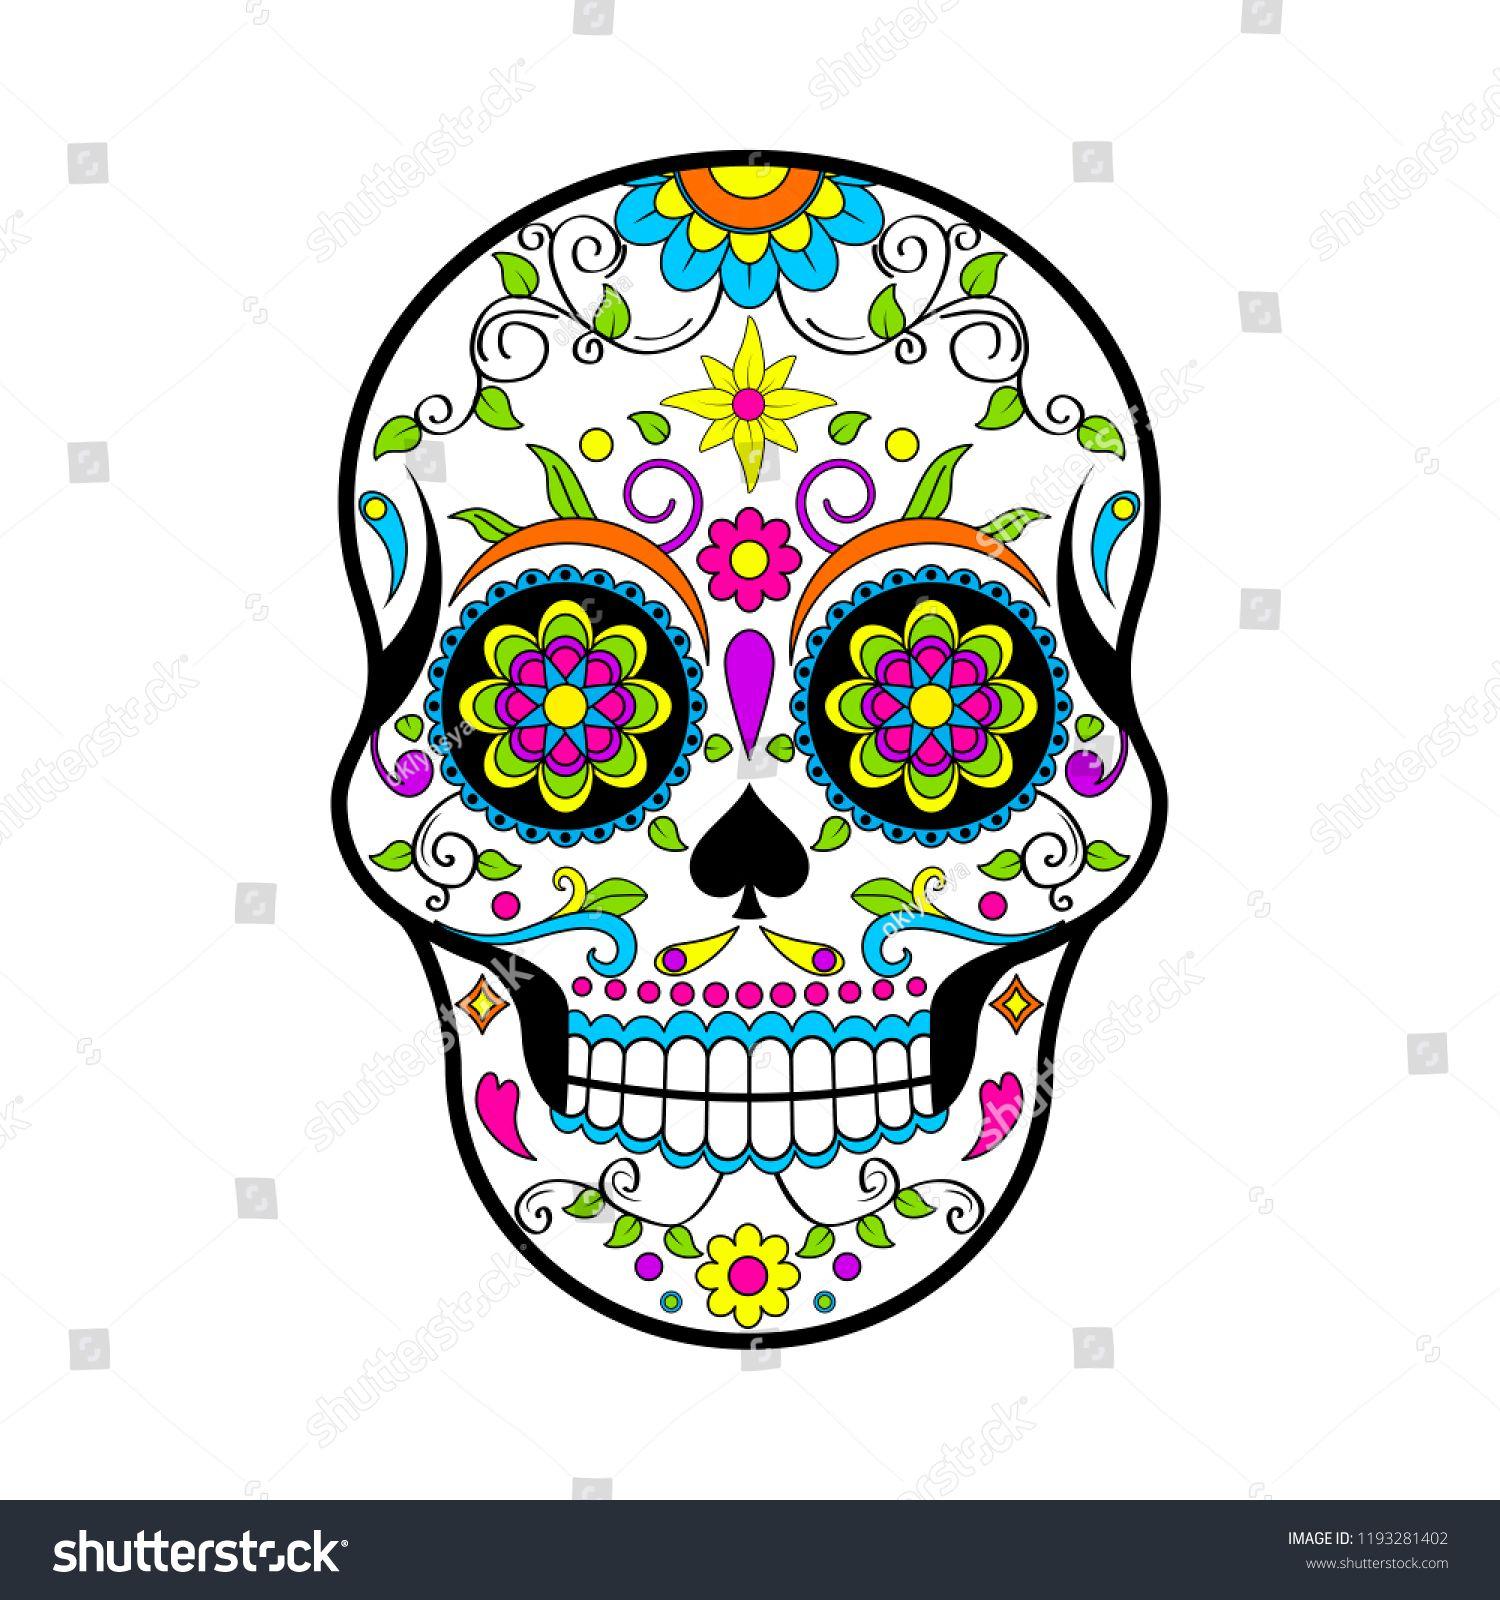 Pin By Selene Cruz Rodas On Halloween Shirts Ideas Mexican Sugar Skulls Sugar Skull Skull